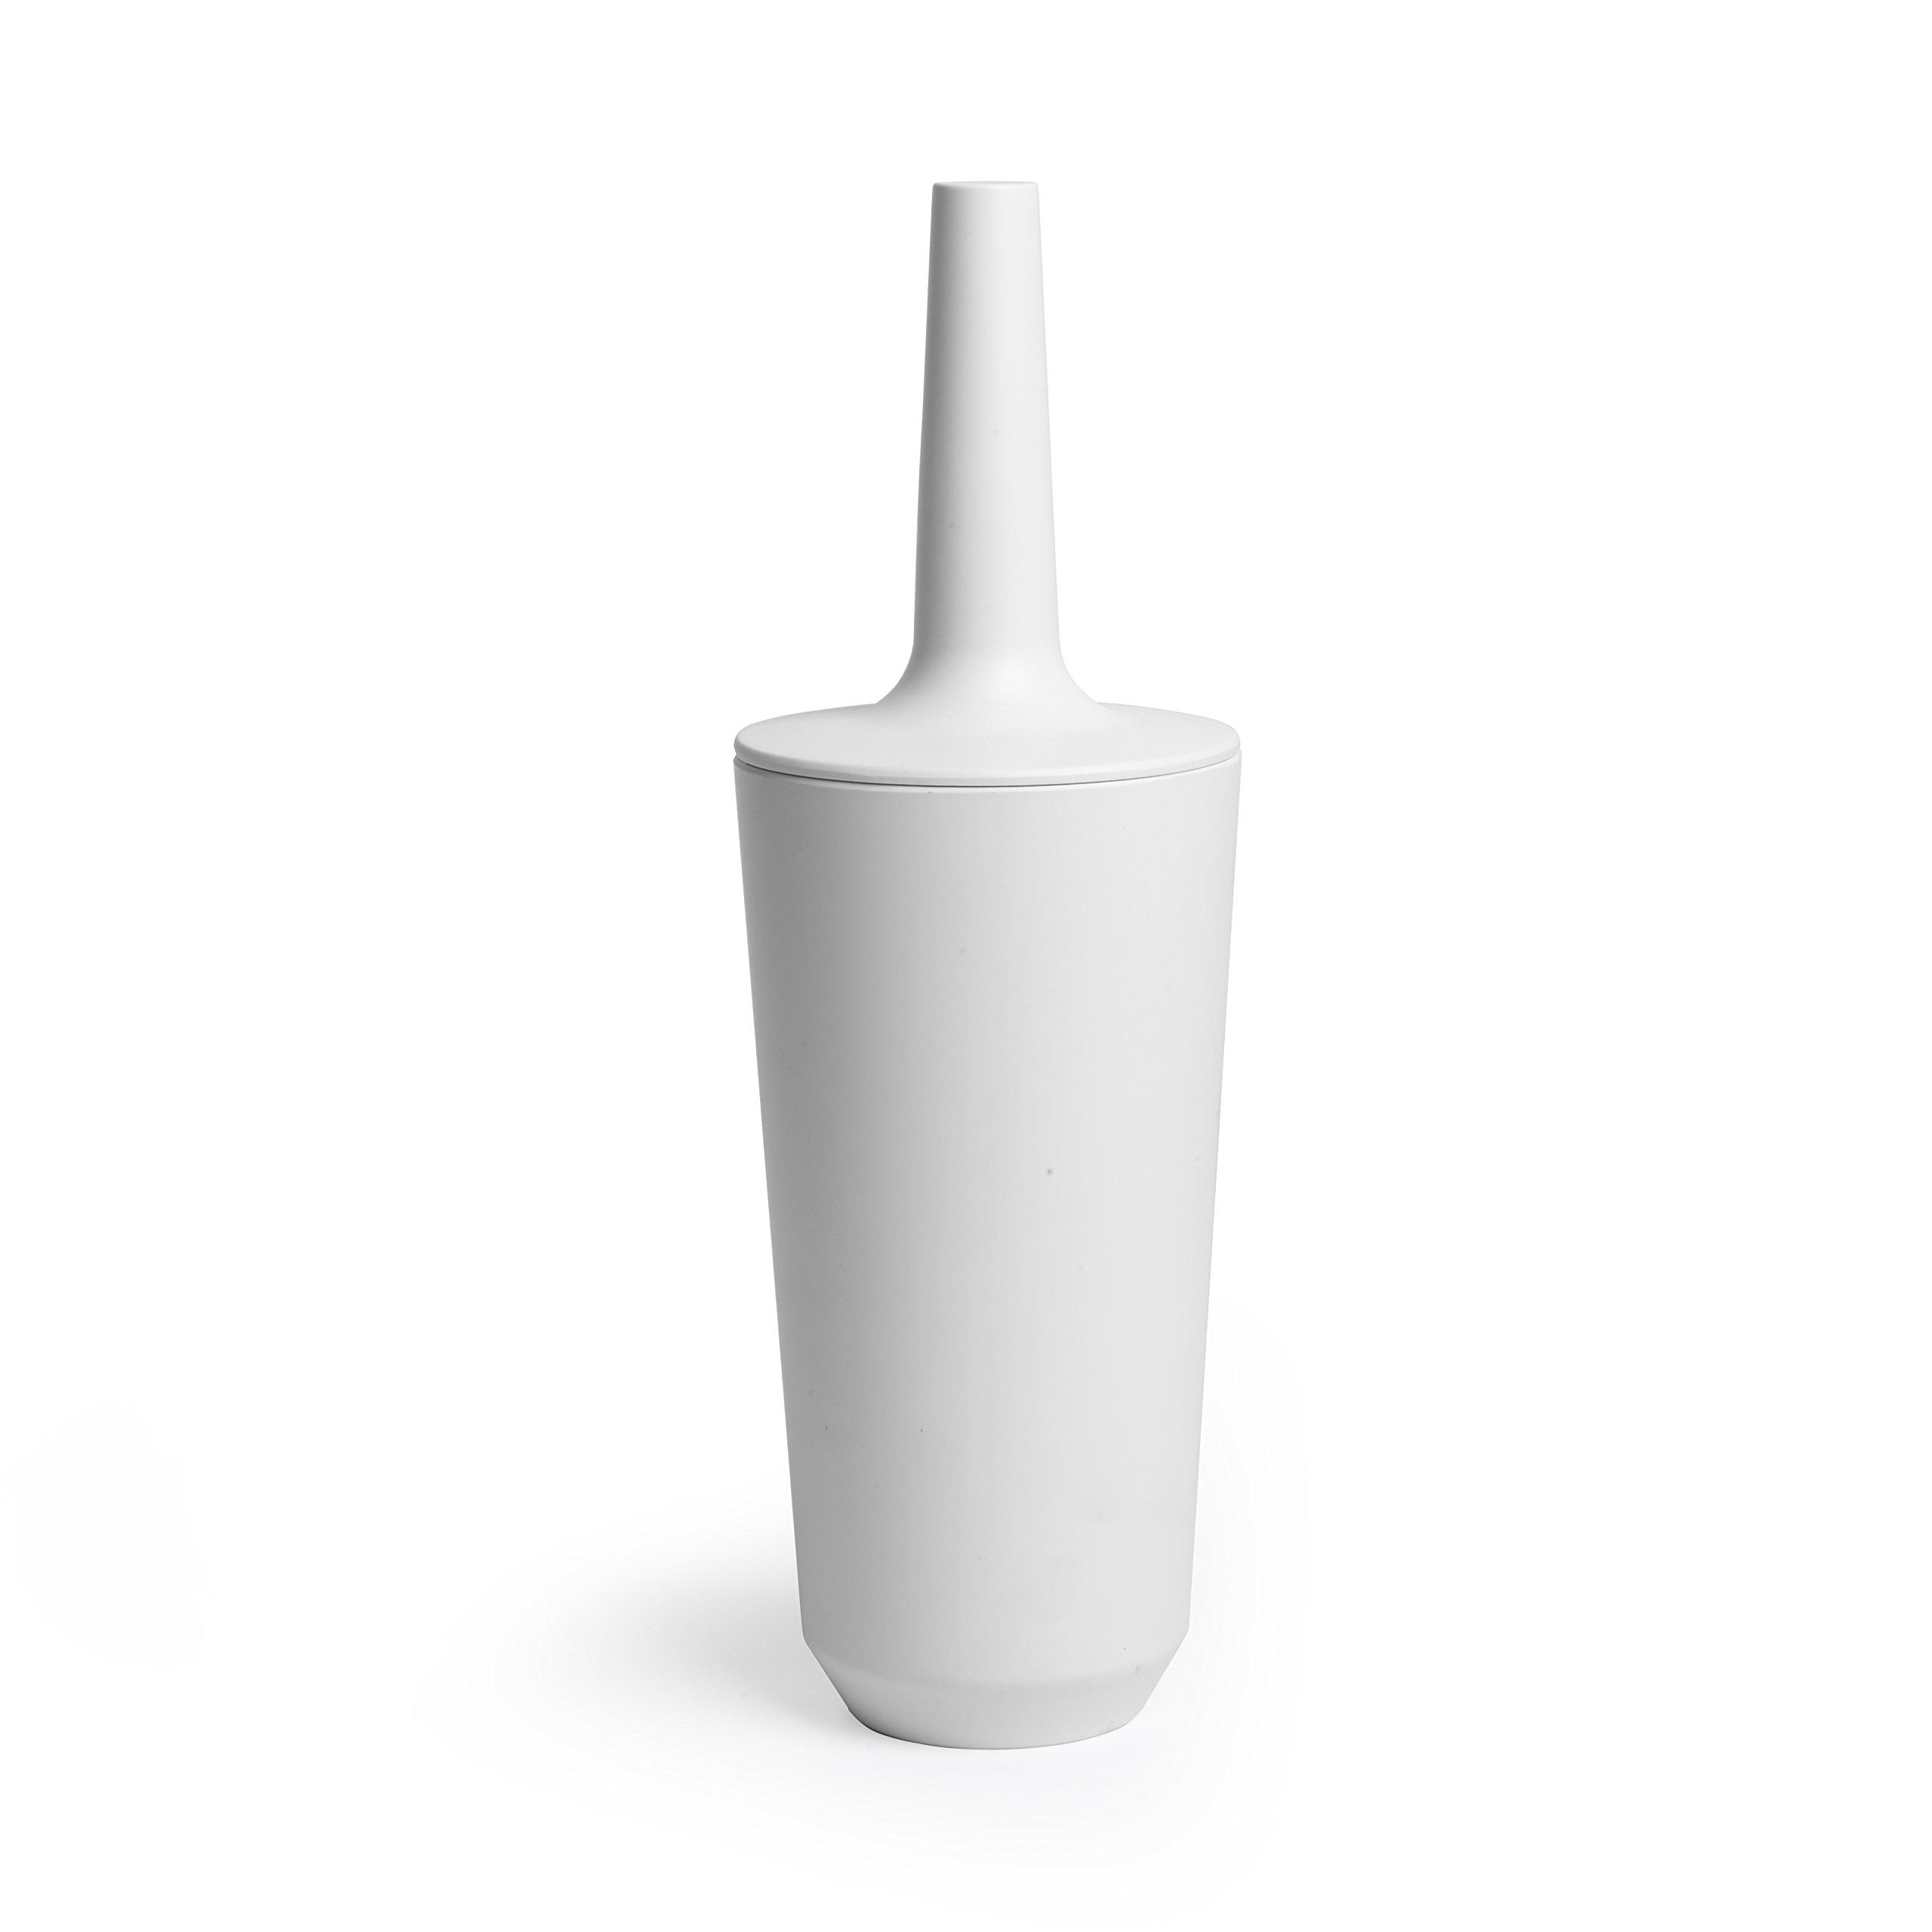 Umbra Corsa Toilet Brush Holder, White